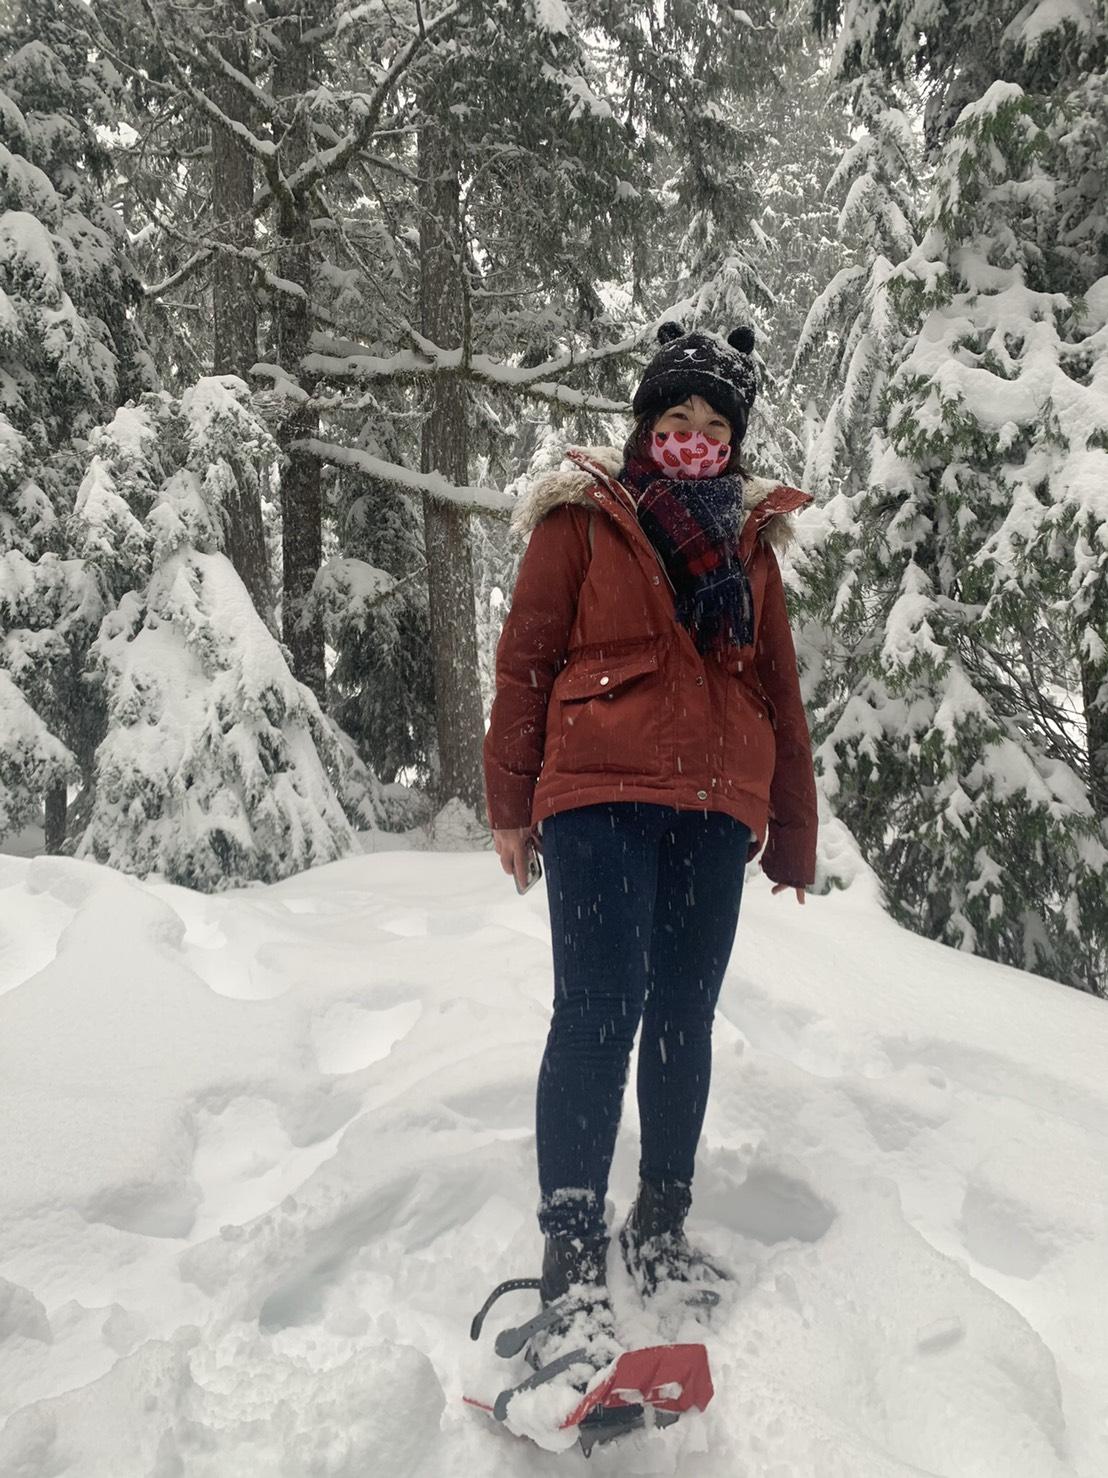 รีวิวเรียนต่อแคนาดา ,เรียนถ่ายหนังแคนาดา , film school Canada, เรียนภาพยนตร์แคนาดา